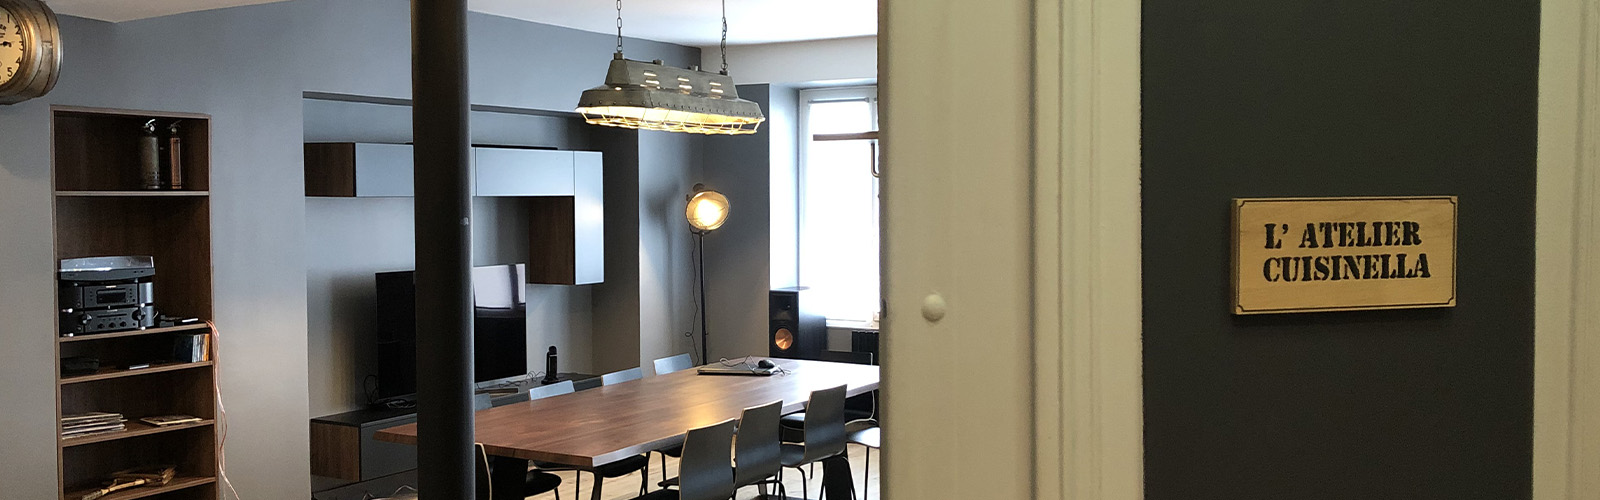 L Atelier V2 Cuisinella Paris 02